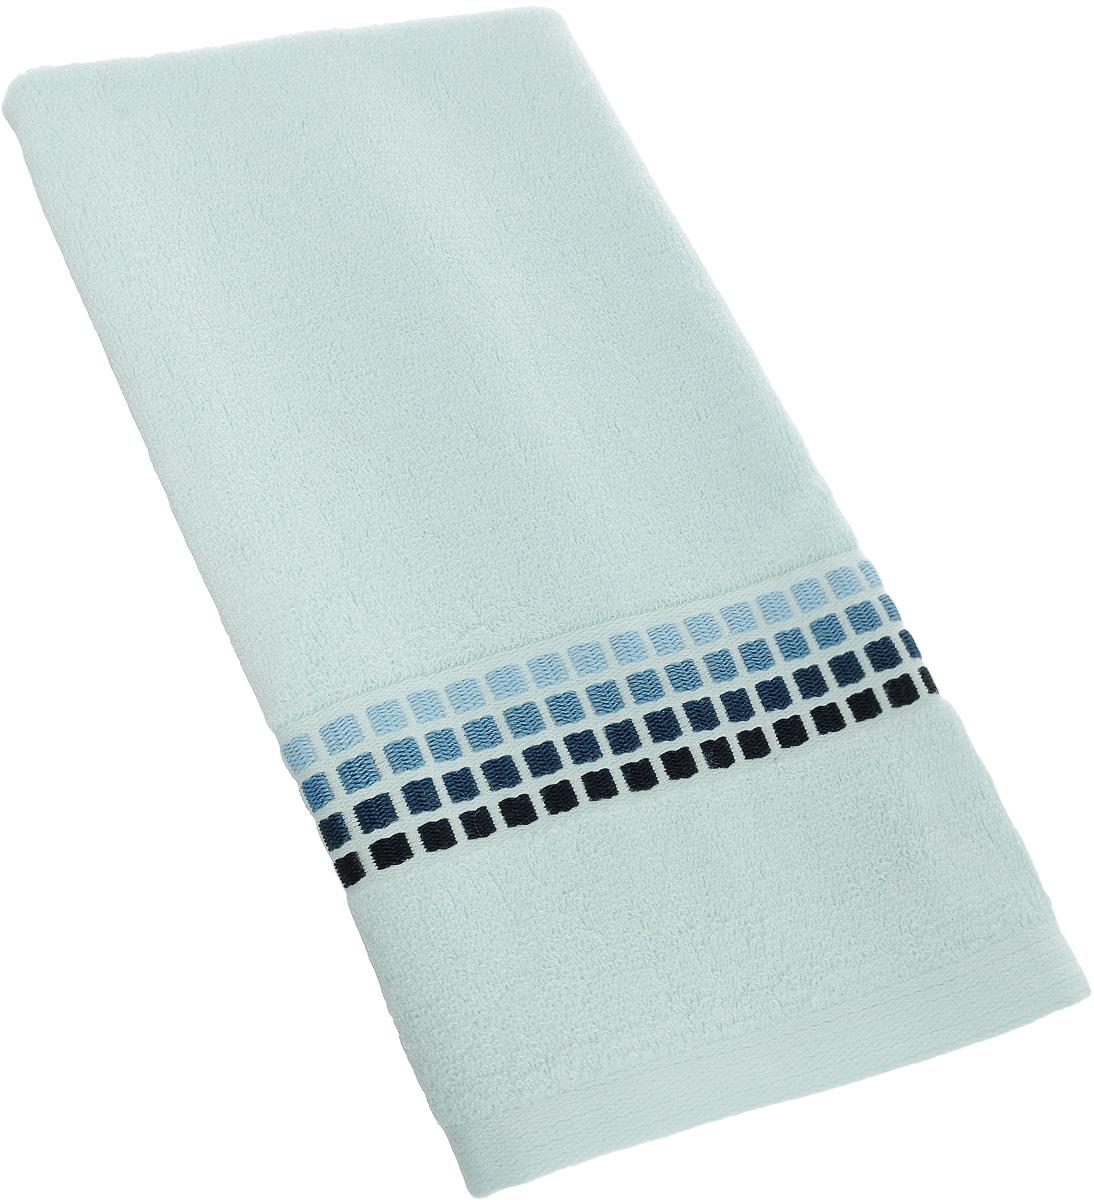 Полотенце Arya Edera, 30 см х 50 см, цвет: светло-голубойF0007394Светло-ГолубойНеобыкновенное хлопковое полотенце марки Arya с необыкновенным принтом, невероятно мягкое, пушистое, с плотной невысокой махрой, обладающее удивительной впитываемостью . Мягкая махровая ткань отлично впитывает влагу и быстро сохнет. После стирки полотенце становится еще более мягким. Полотенца марки Arya производятся с соблюдением мировых стандартов и способны выдержать не меньше 500 стирок. Компания Arya является признанным турецким лидером на рынке постельных принадлежностей и текстиля для дома. Поэтому Вы можете быть уверены, что приобретенные товарки марки Arya доставят Вам и Вашим близким одно удовольствие.